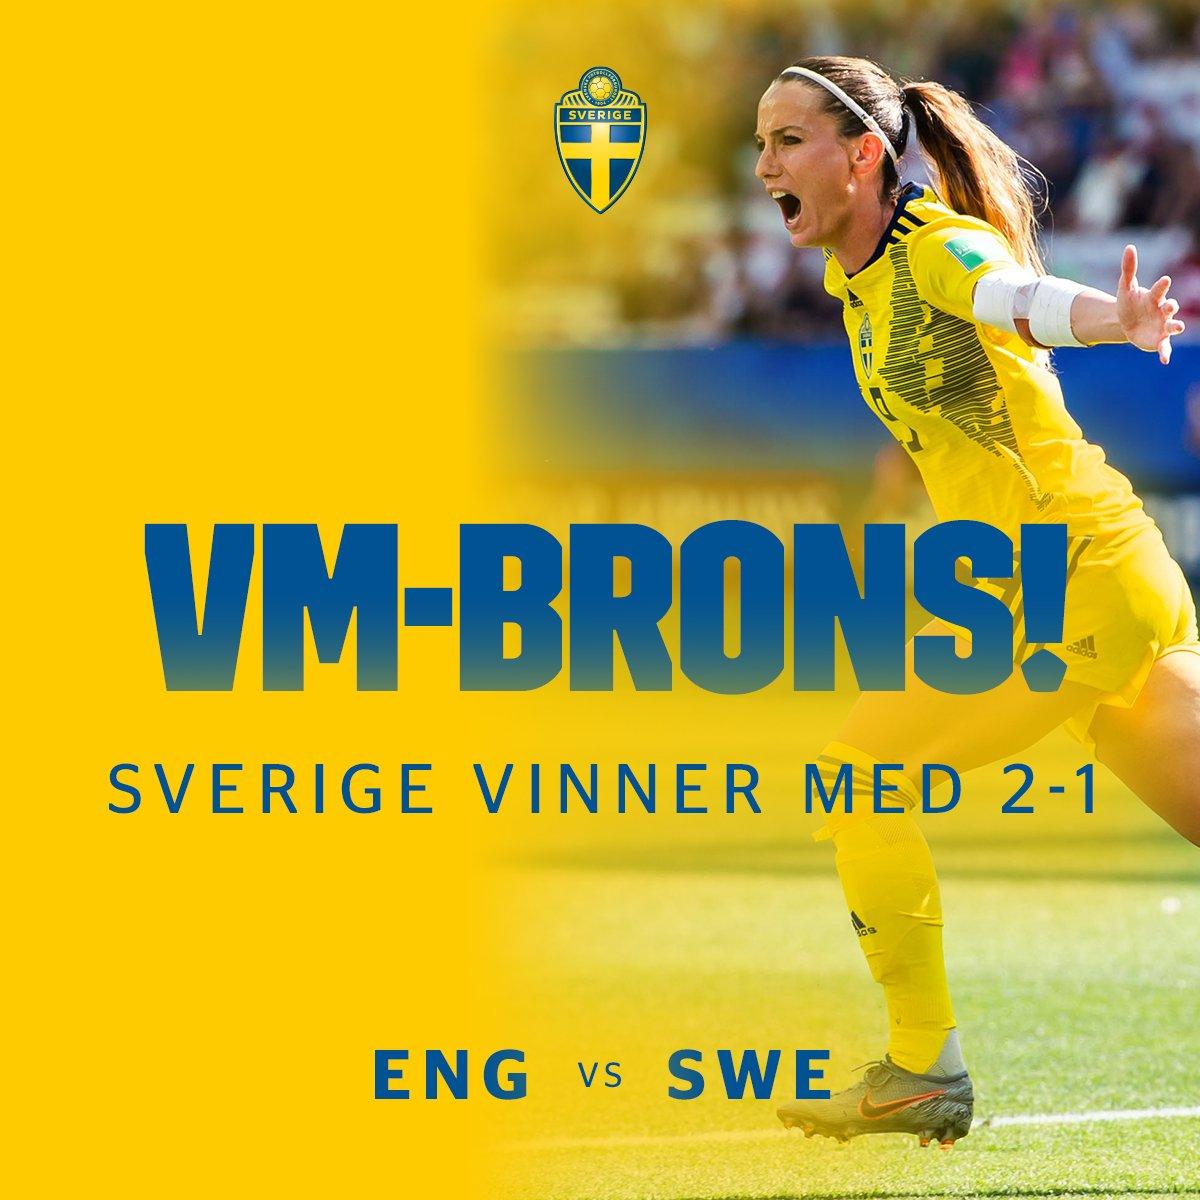 VM-BRONS!!!! 🇸🇪🇸🇪 Tillsammans har vi skapat historia! 🇸🇪🇸🇪 #viärsverige